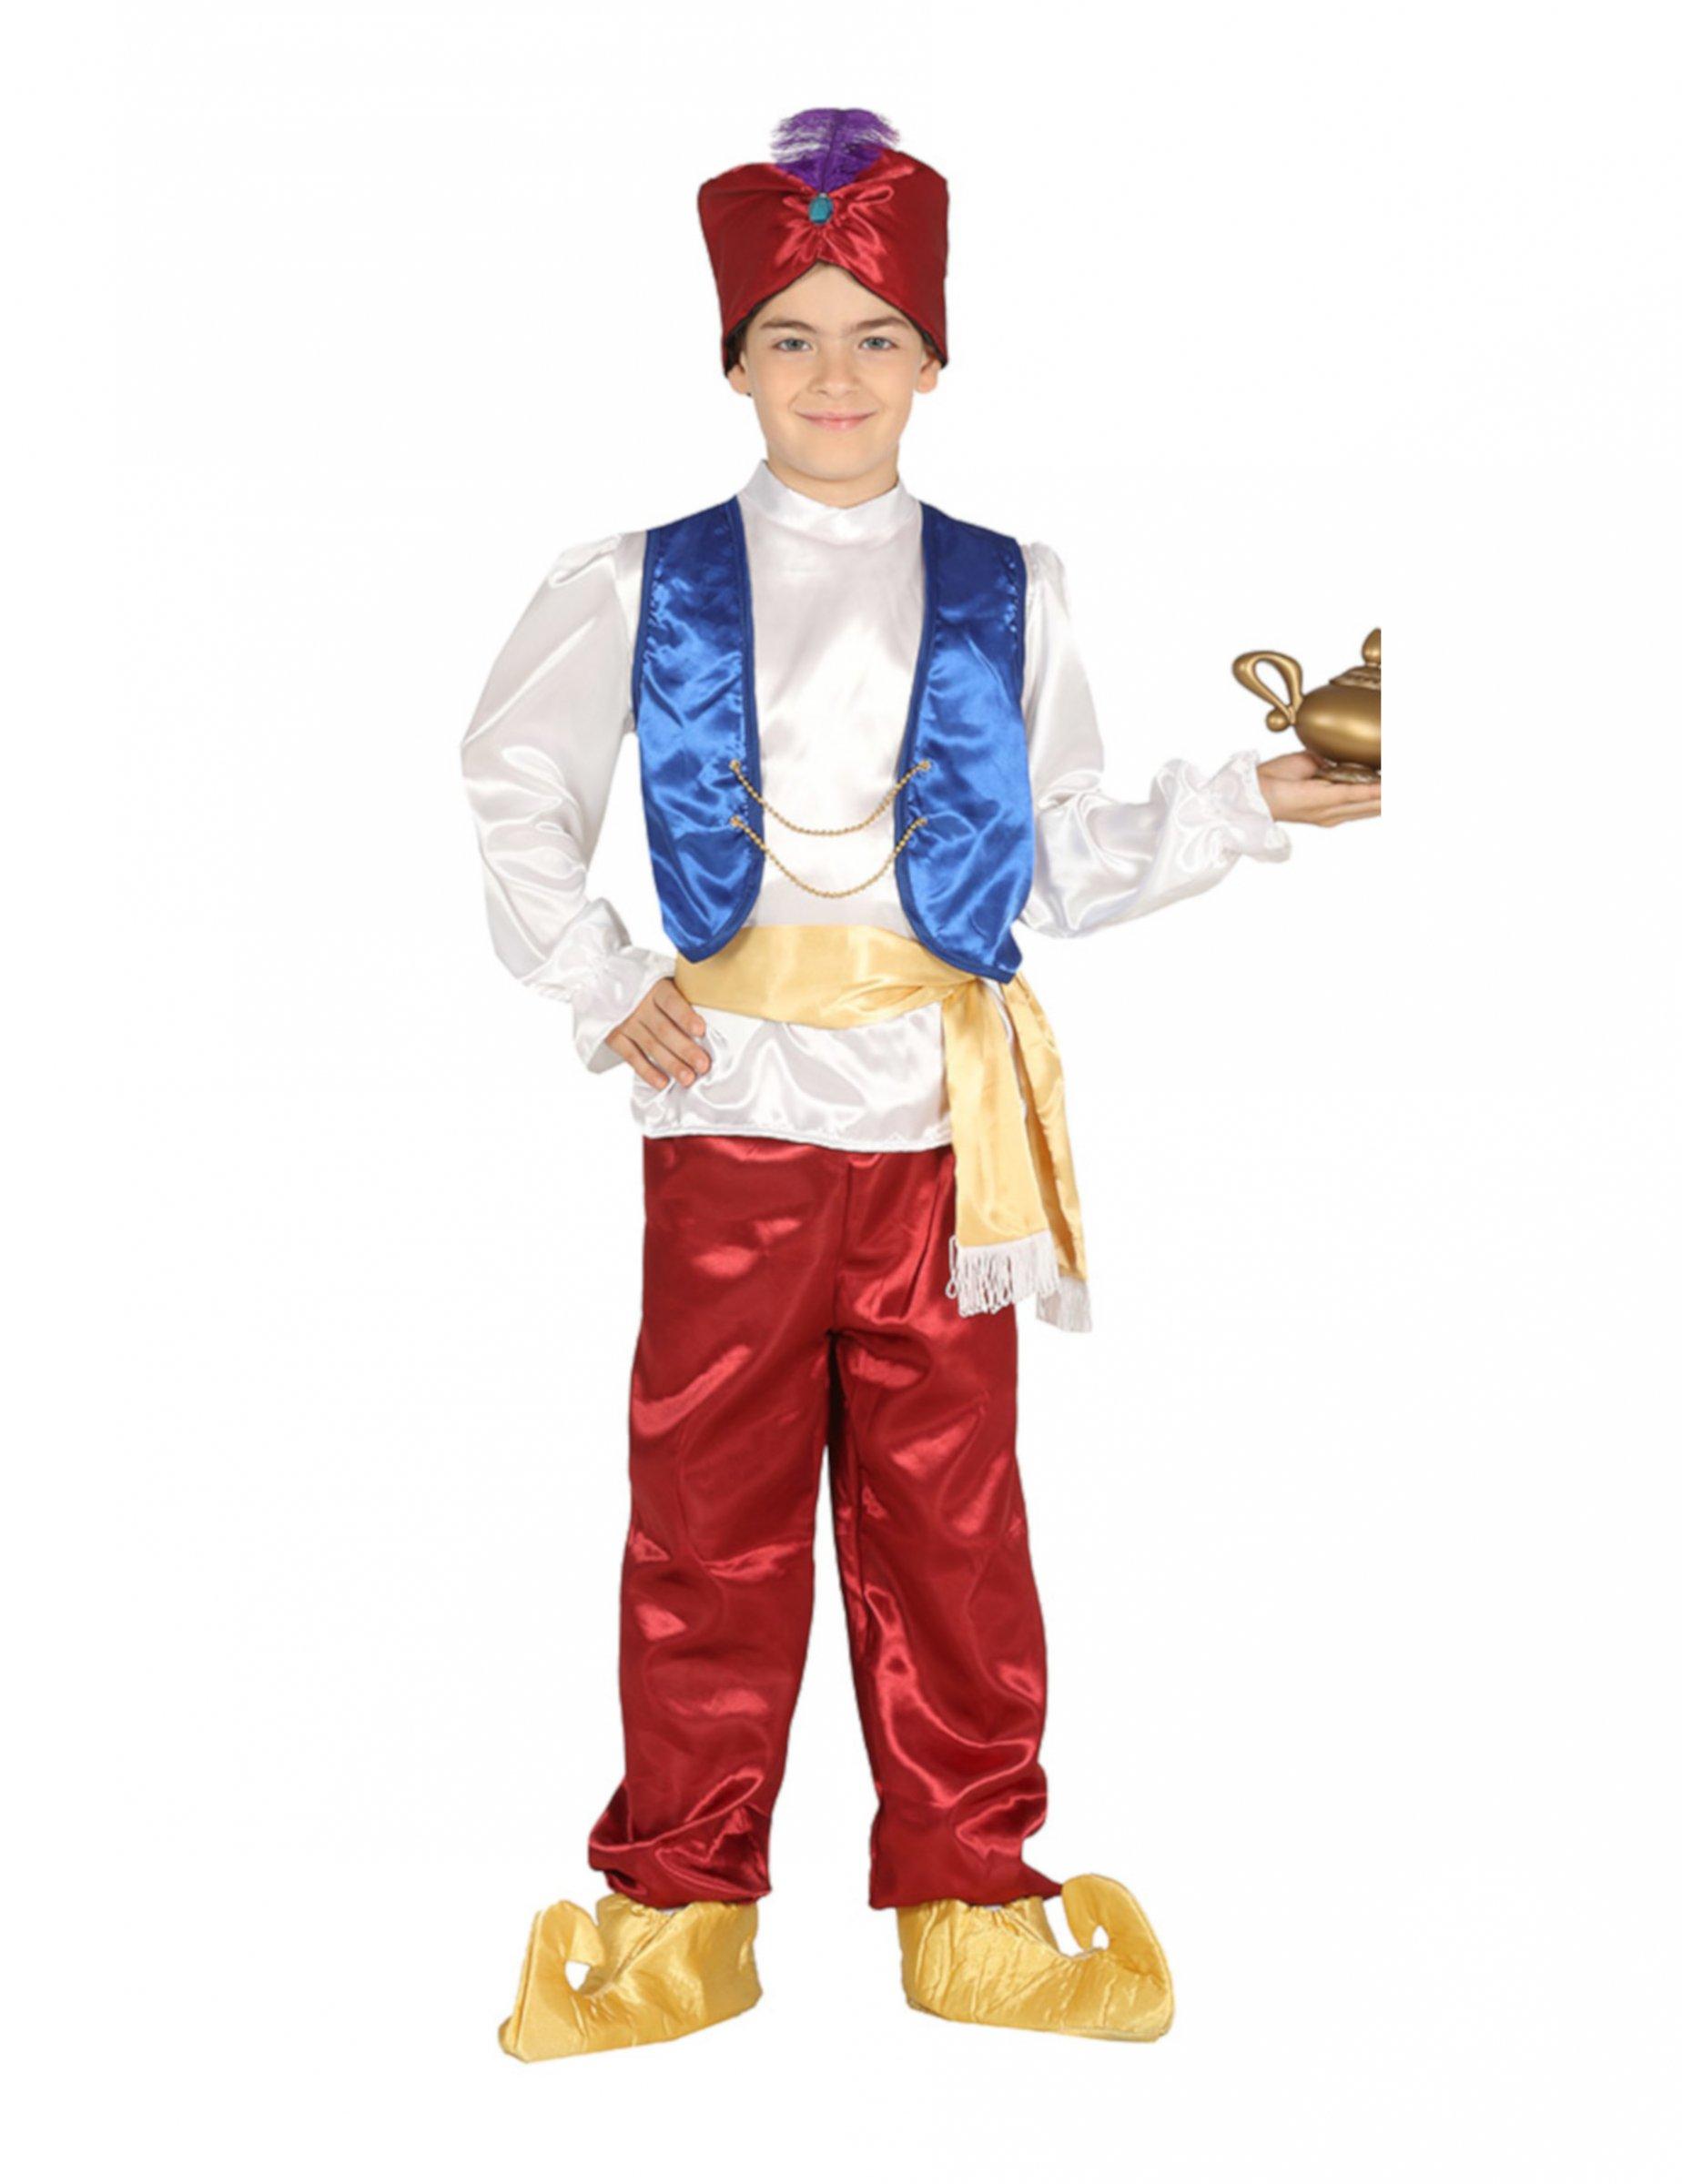 Orientalisches-Kostüm für Jungen Wüstenprinz rot-weiss-blau - 123/134 (7-9 Jahre) 301043